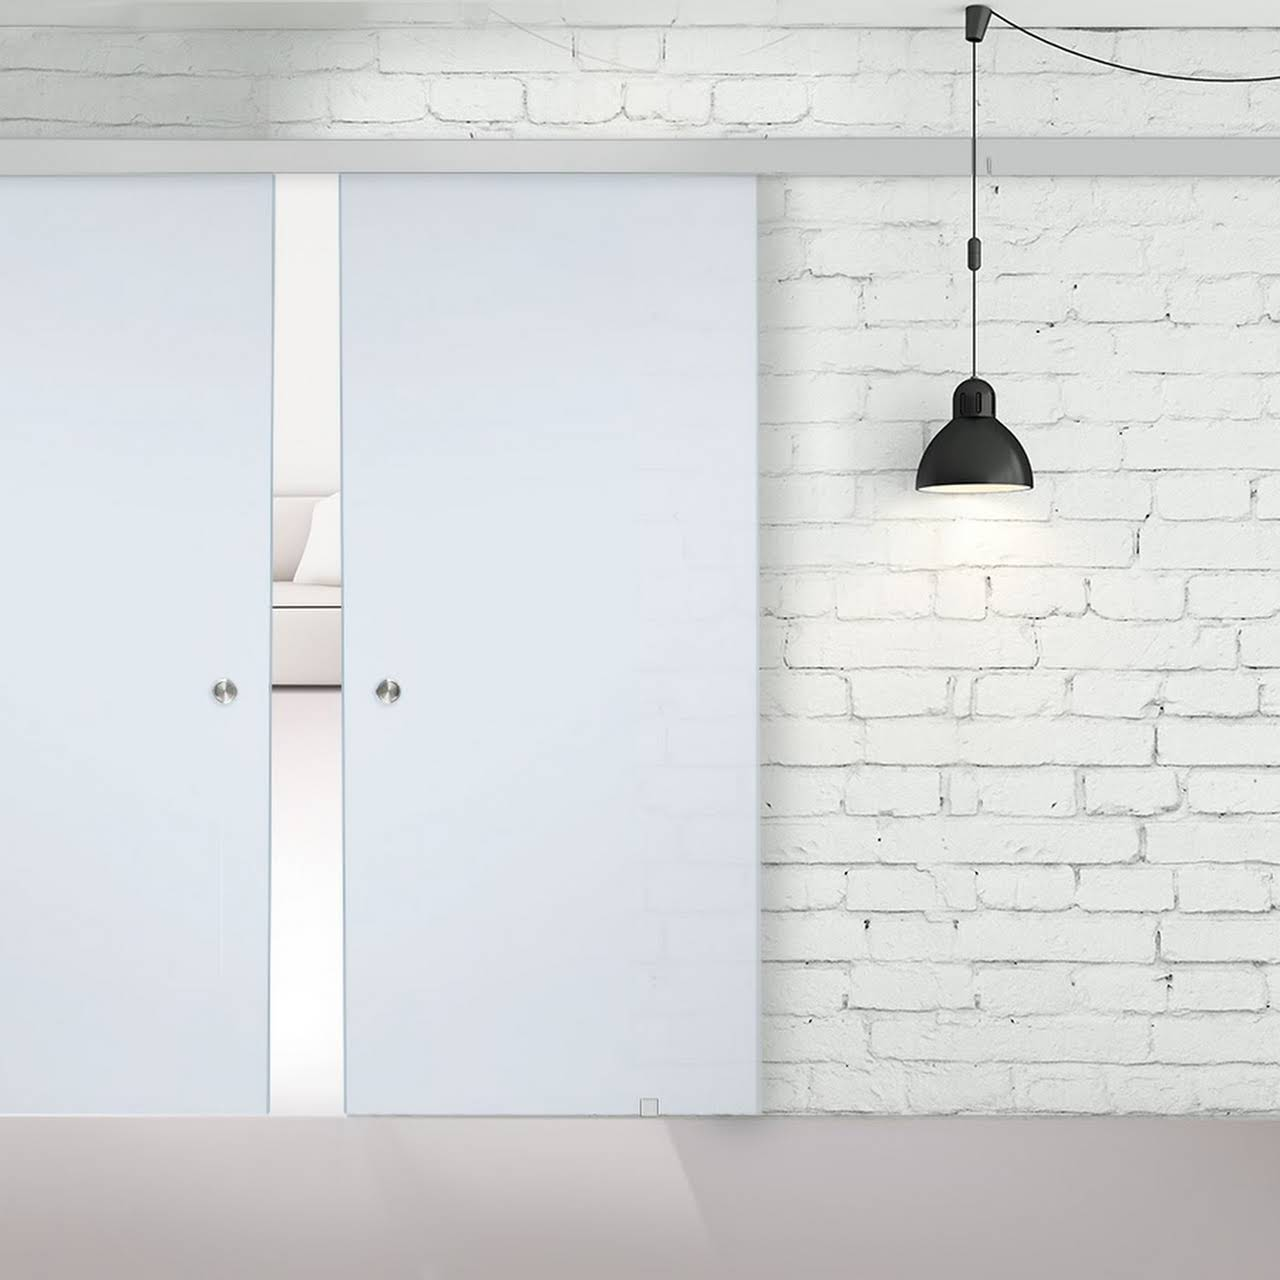 Adesivo Per Vetrai vetreria il vetraio srl - produzione e vendita diretta per